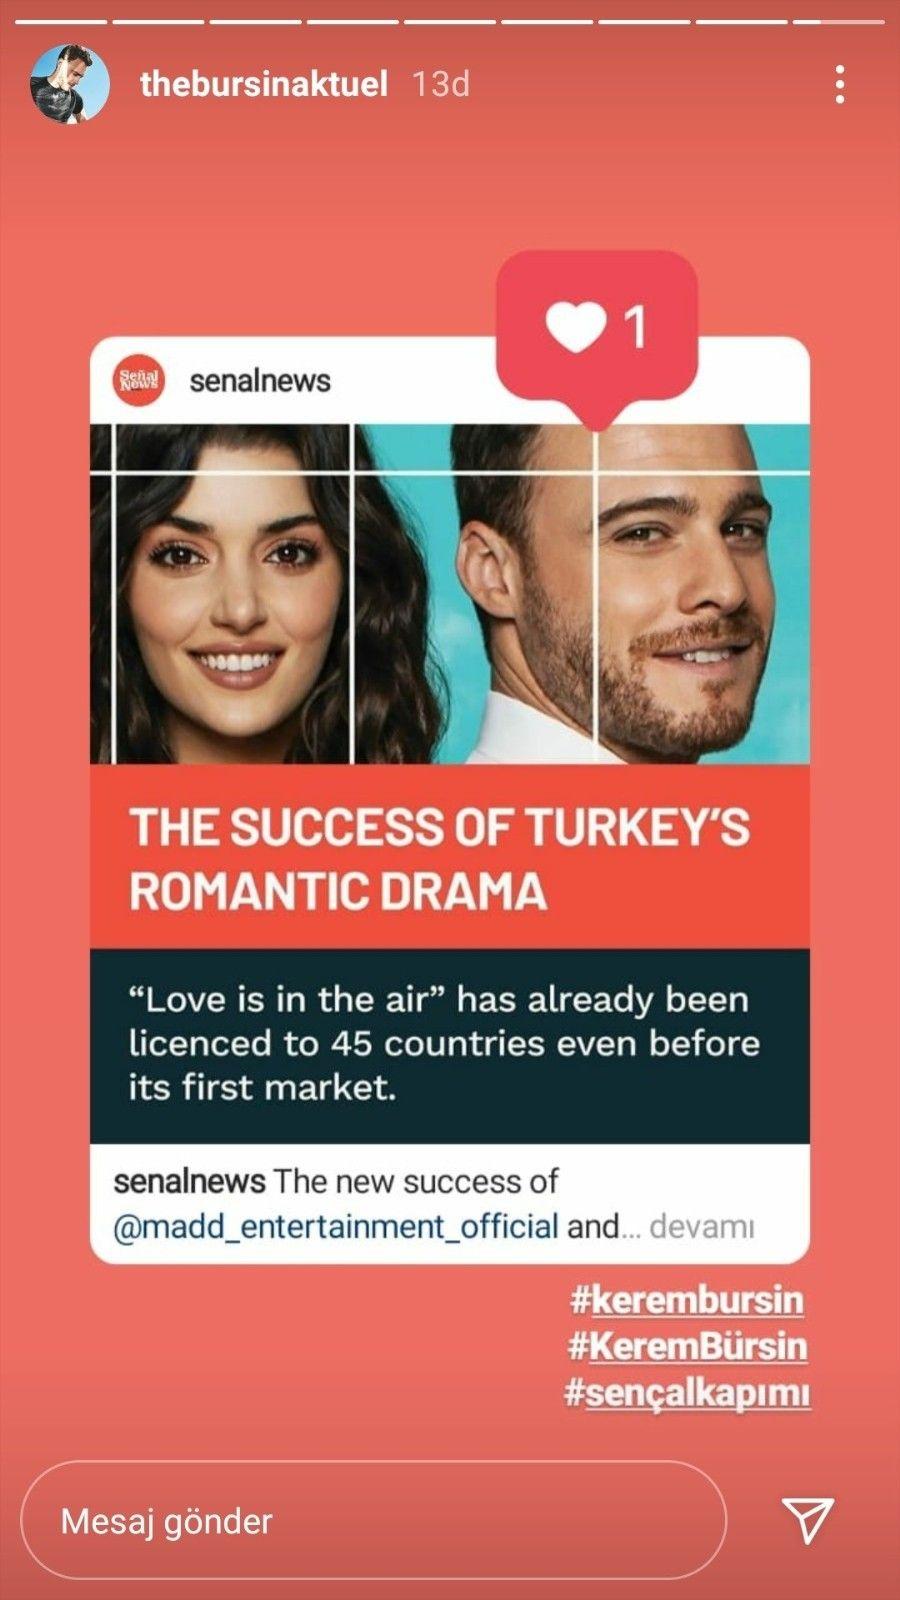 2021/09/turk-televizyon-dizilerinin-nabzi-sosyal-medyada-atiyor-20210901AW40-2.jpg